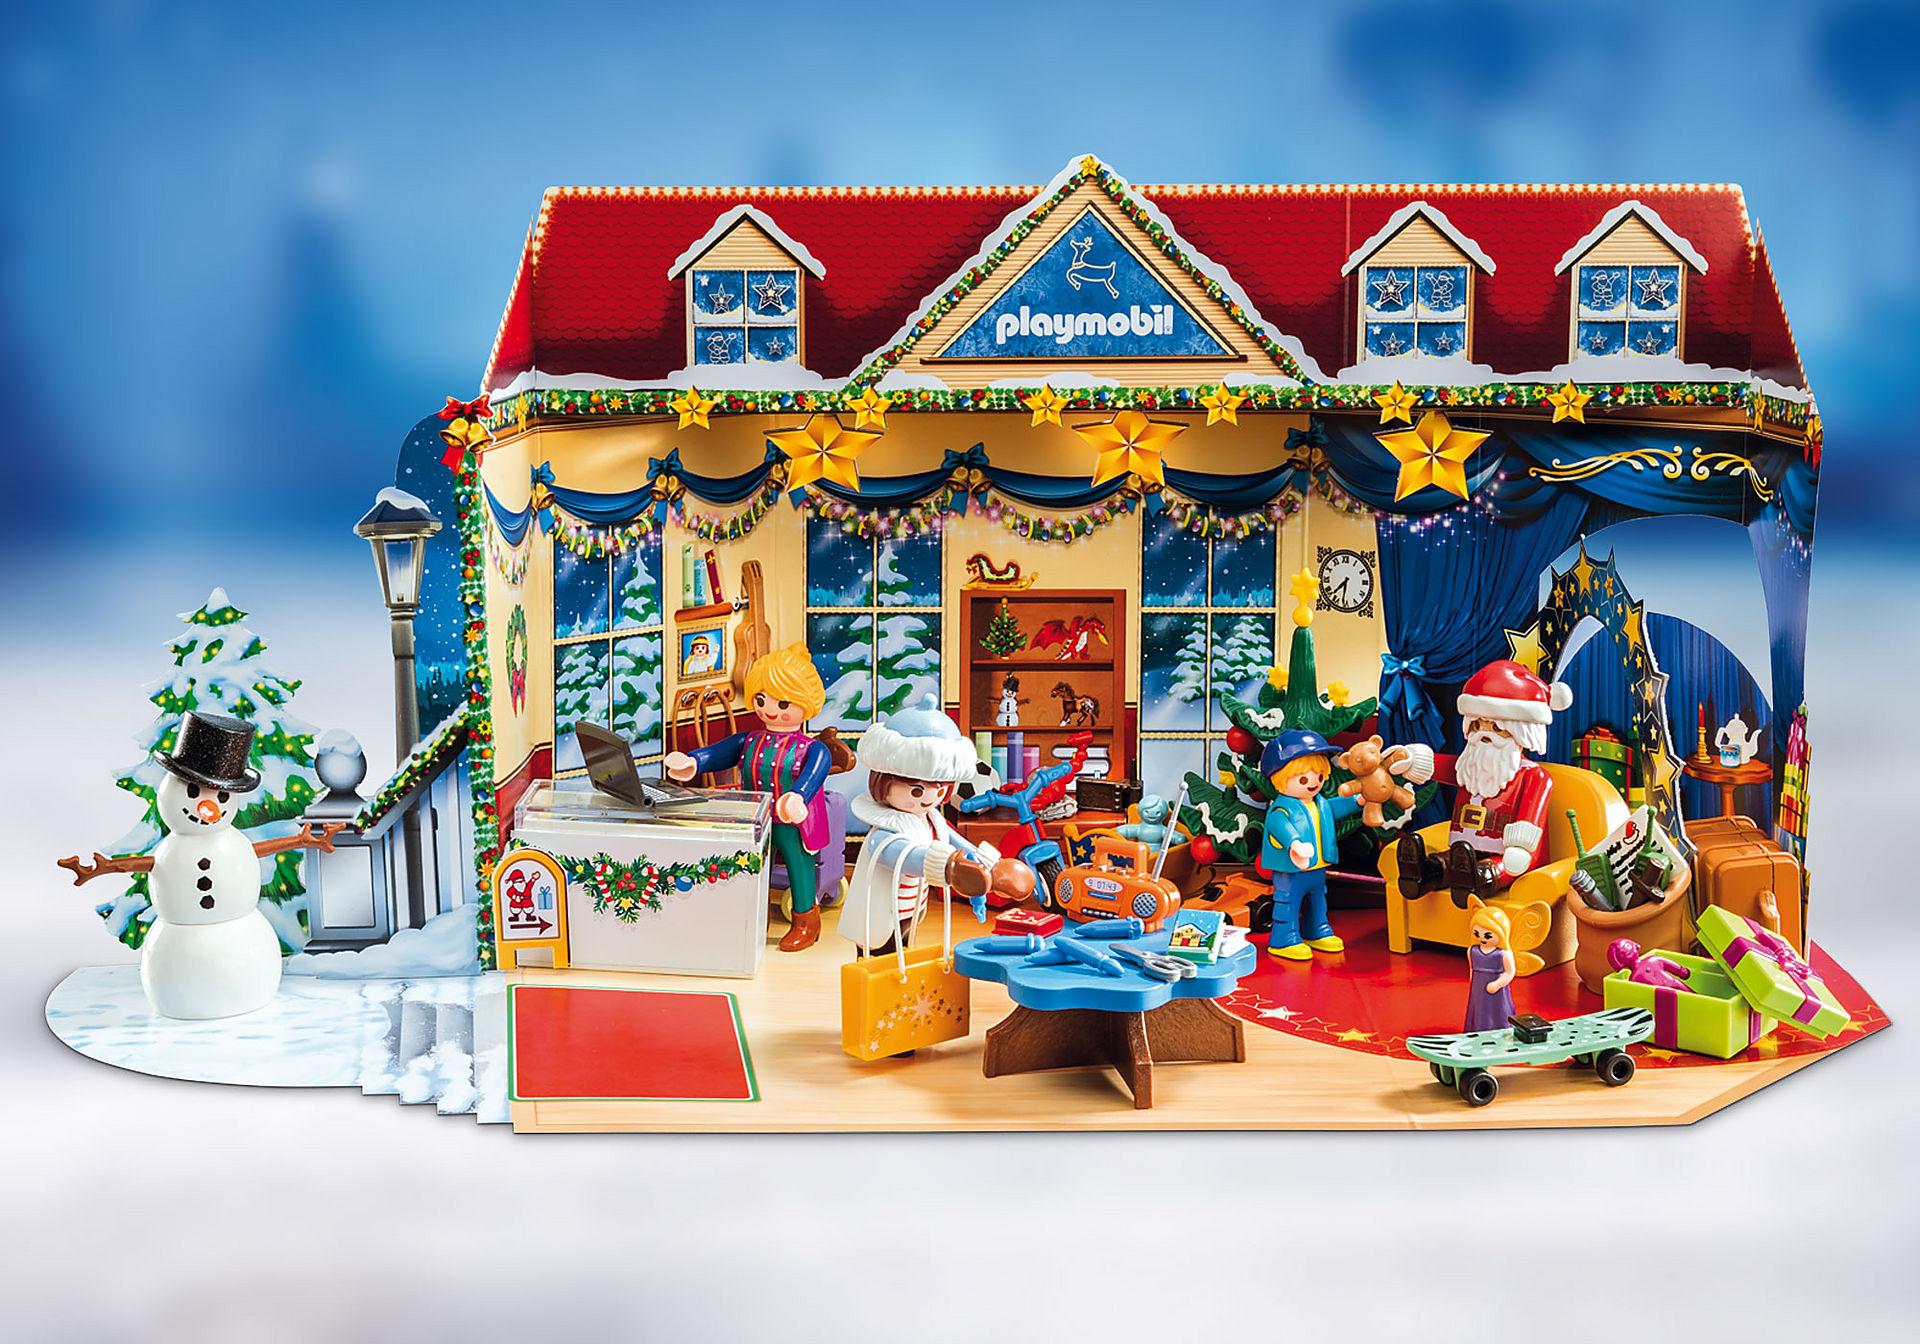 70188 Calendario dell'Avvento - Il negozio dei giocattoli di Natale zoom image4